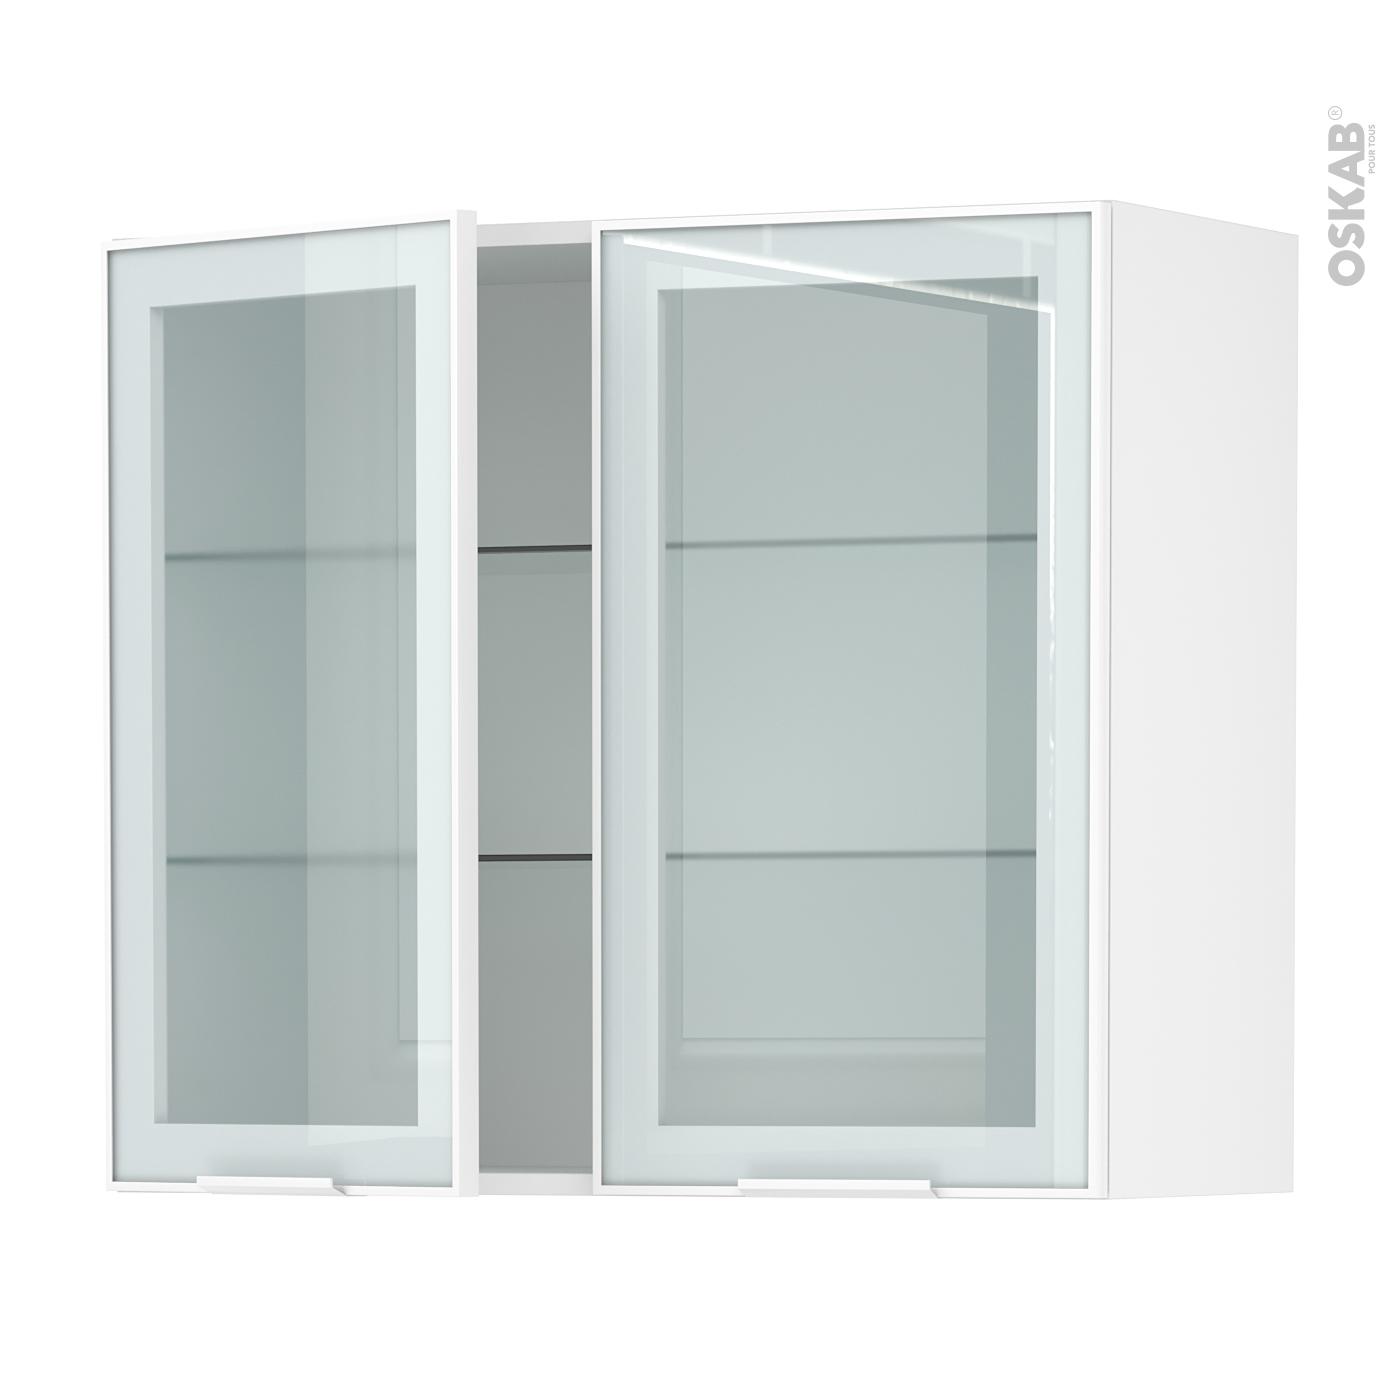 meuble de cuisine haut ouvrant vitré façade blanche alu 2 portes l80